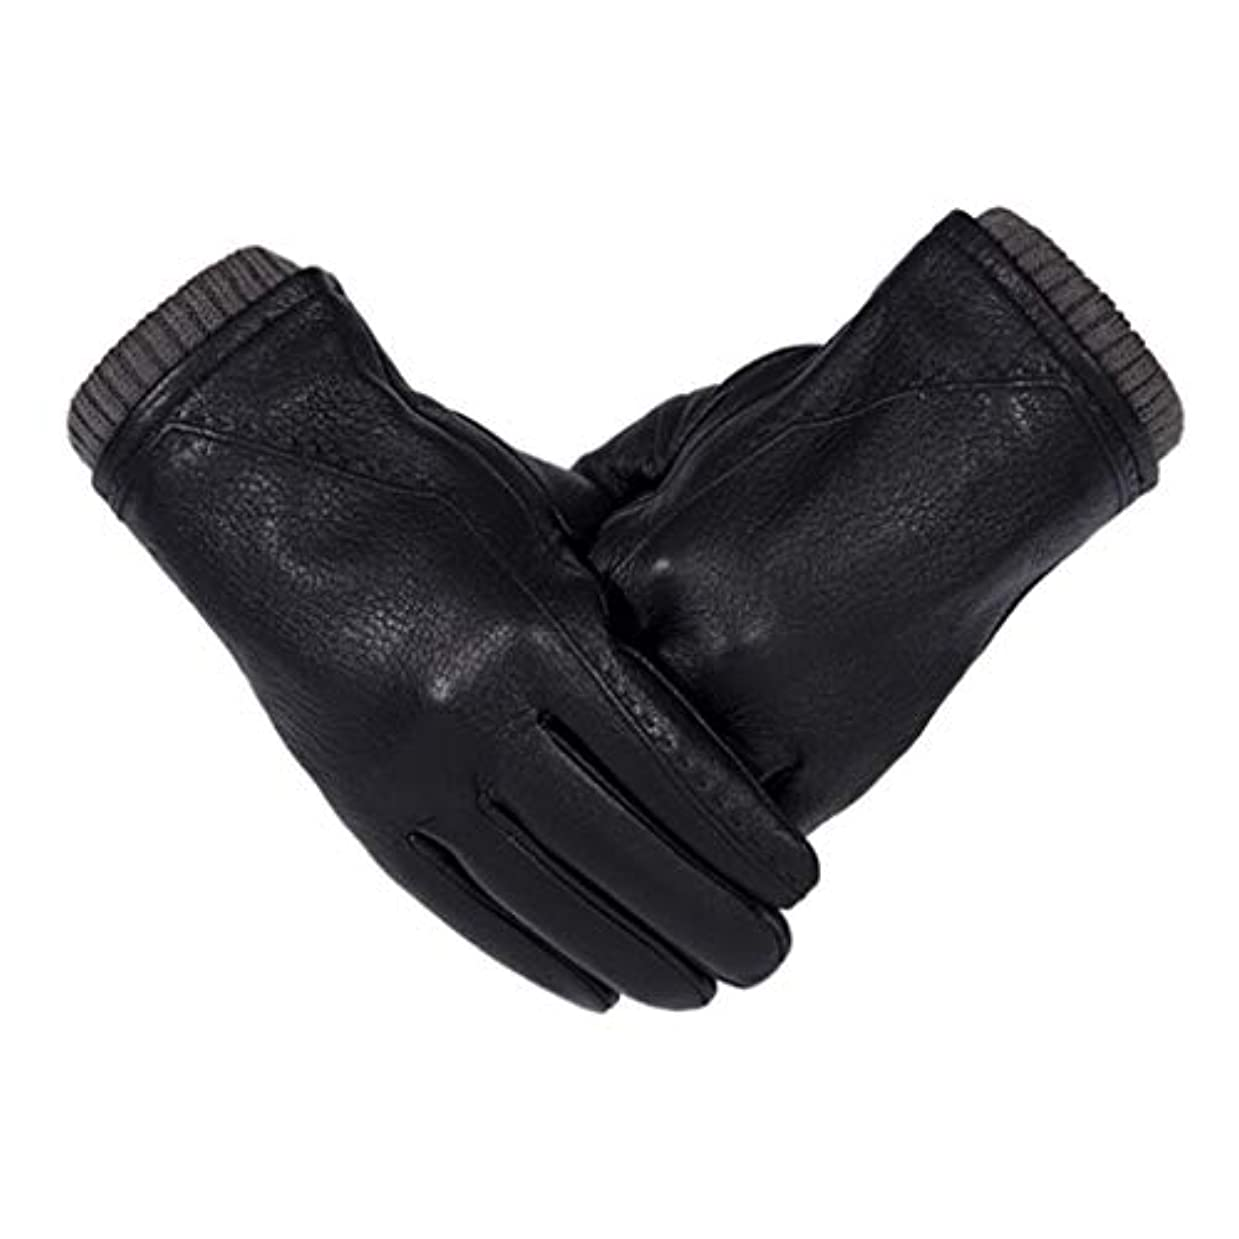 コロニアル葬儀トランザクション革の手袋男性の冬の厚いタッチタッチスクリーン駆動サイクリング男性の暖かい手袋